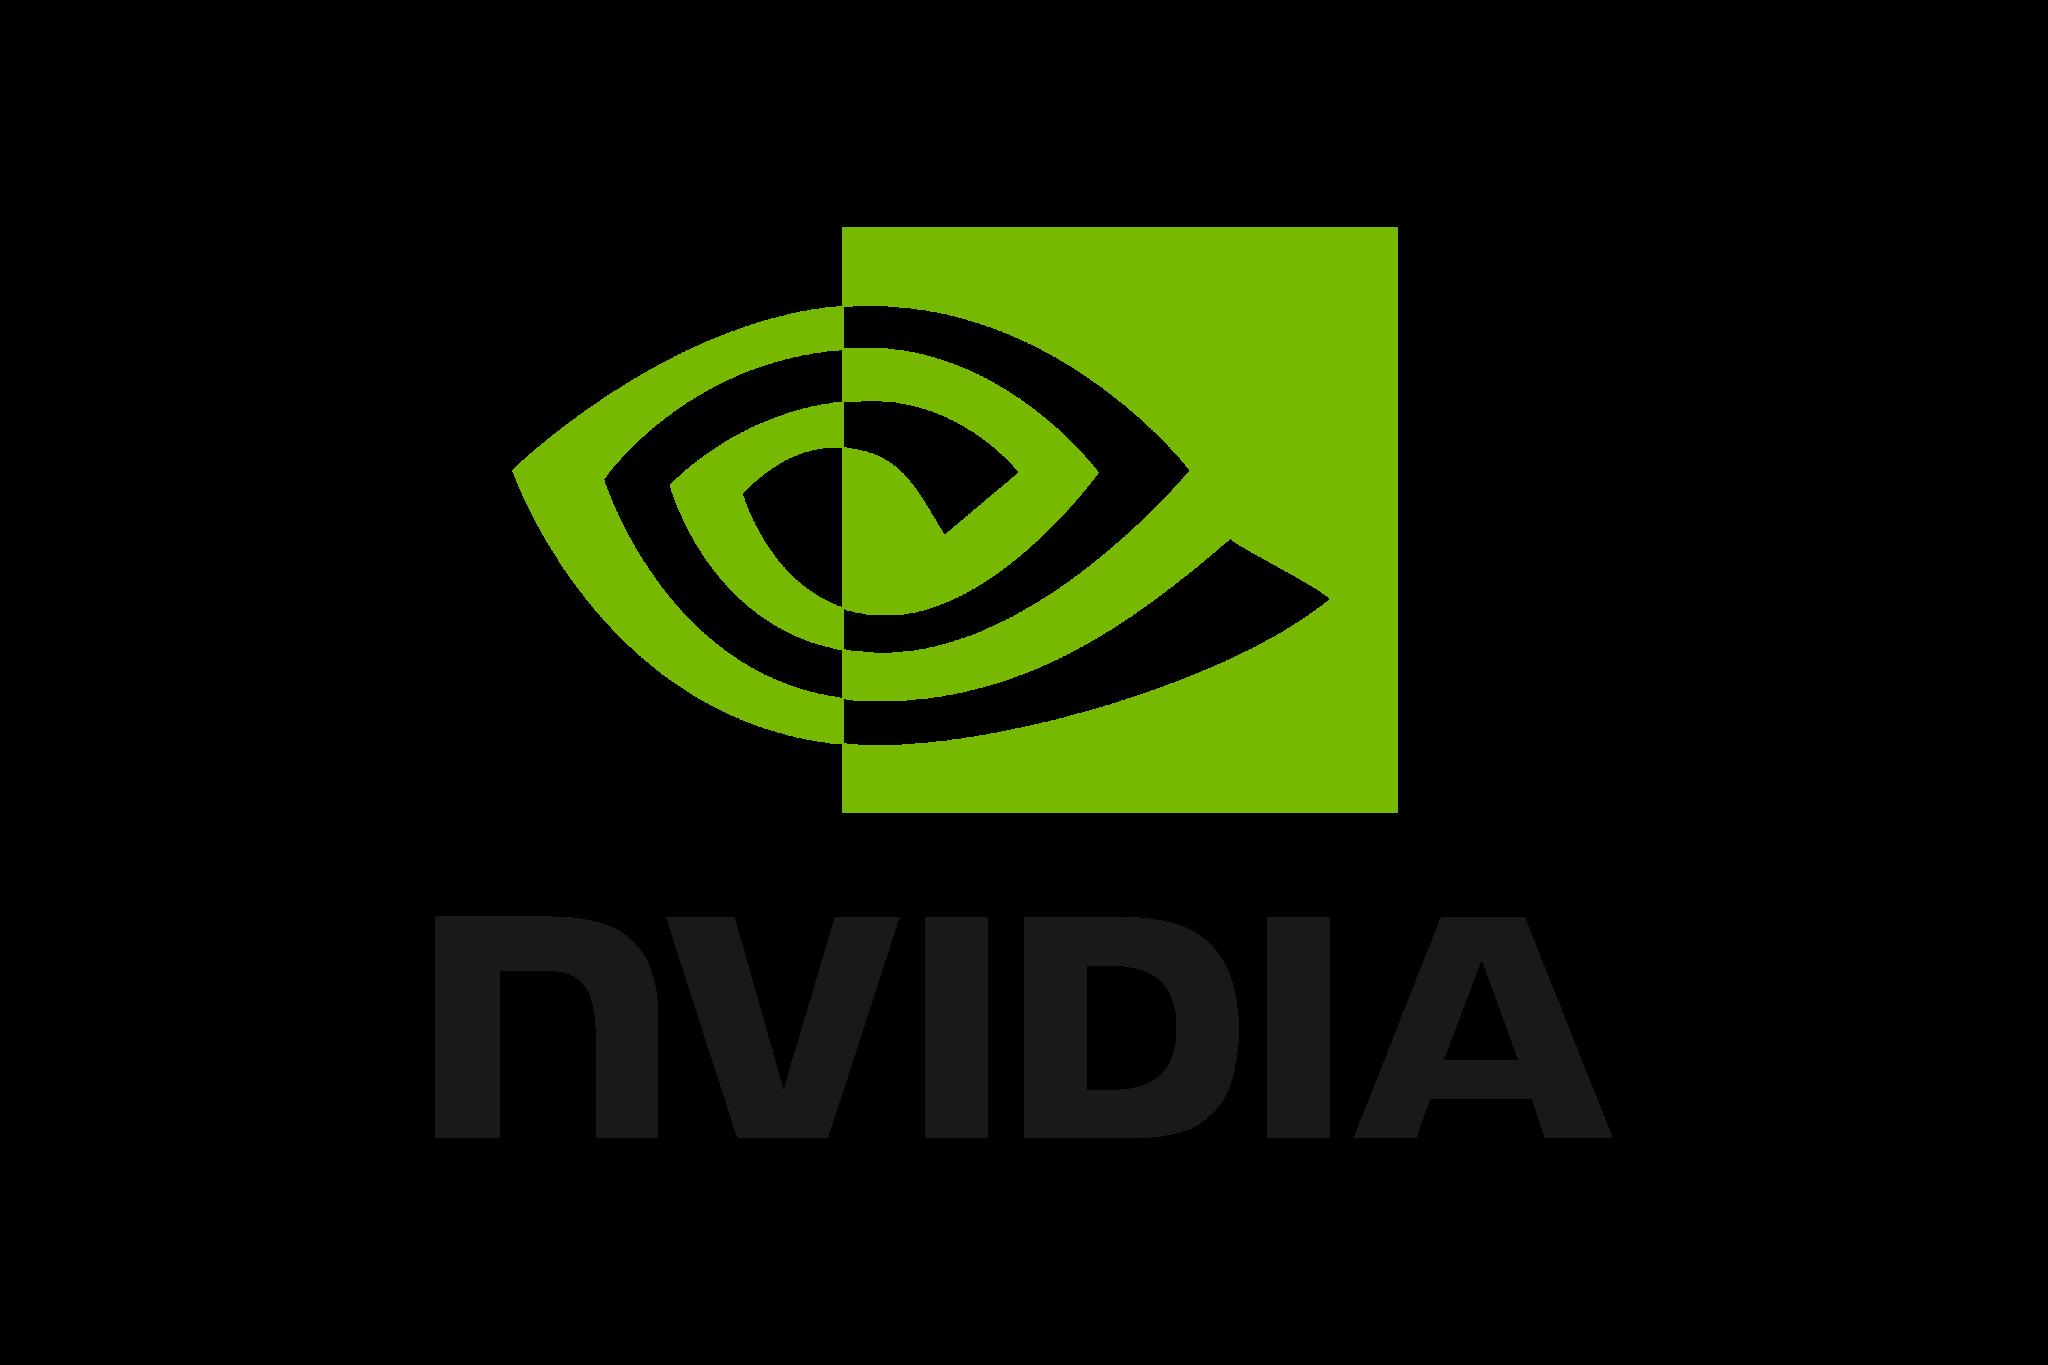 nvidia stock logo